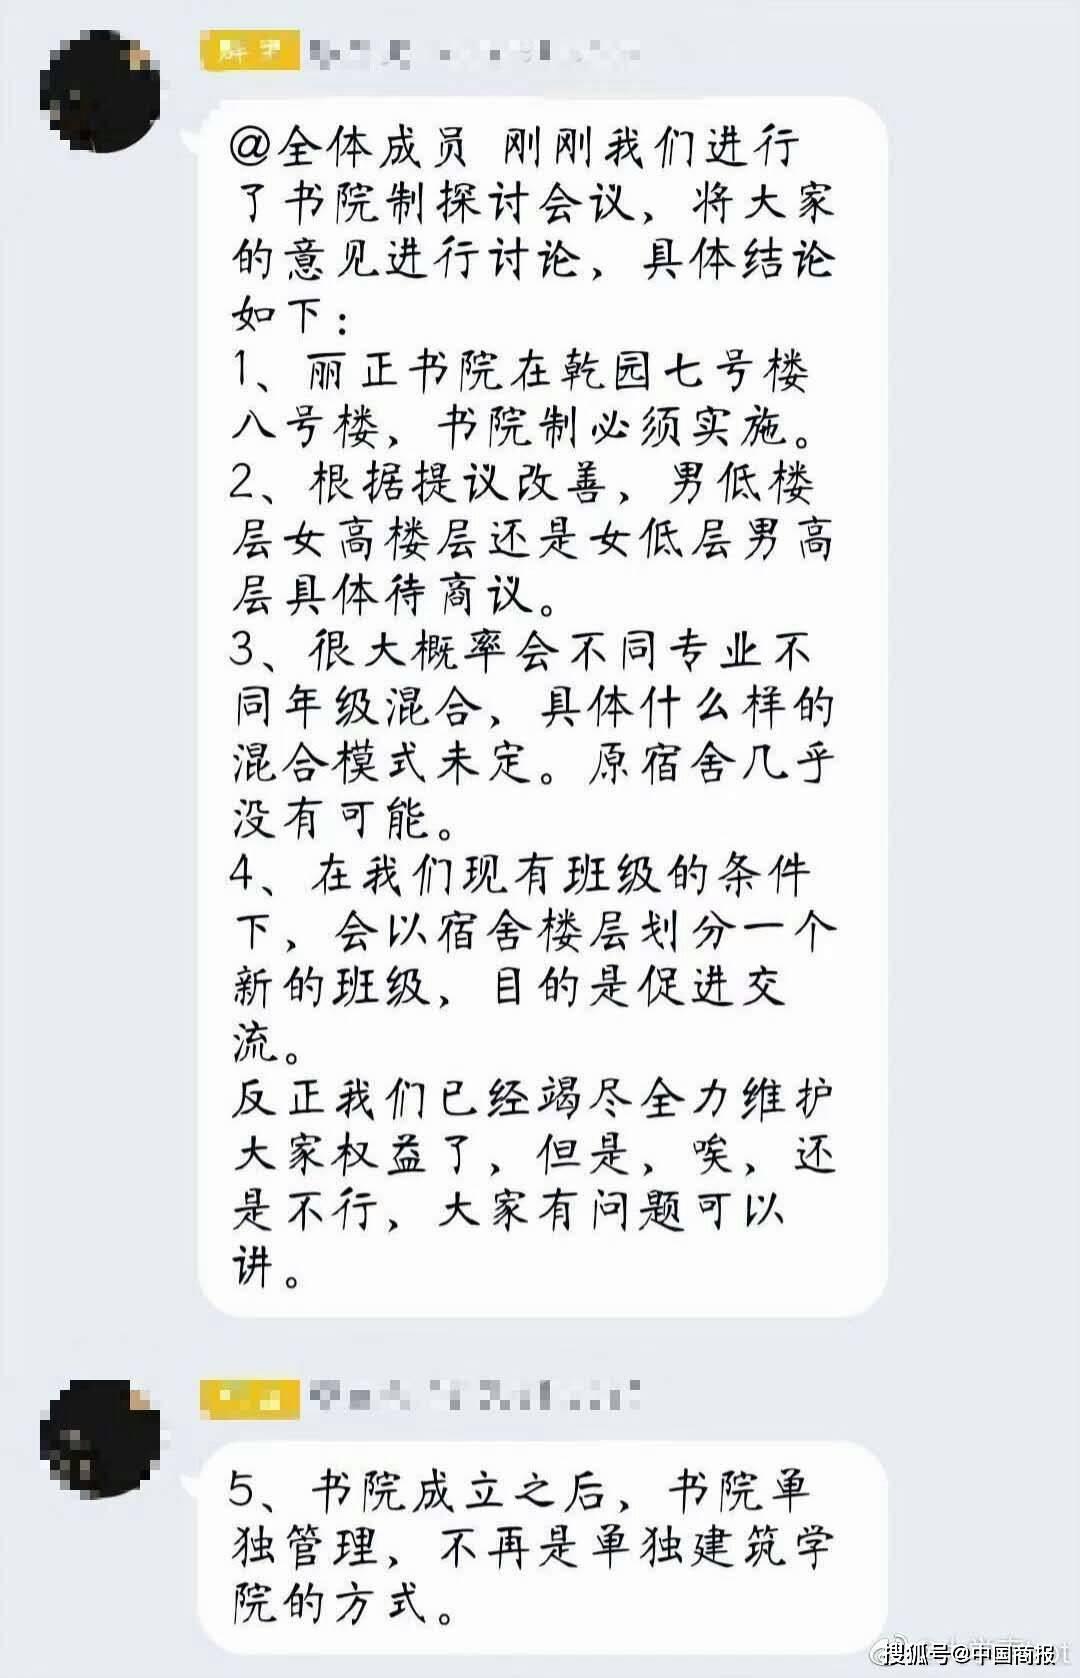 河南科技大学回应男女混住,学生们却不买账